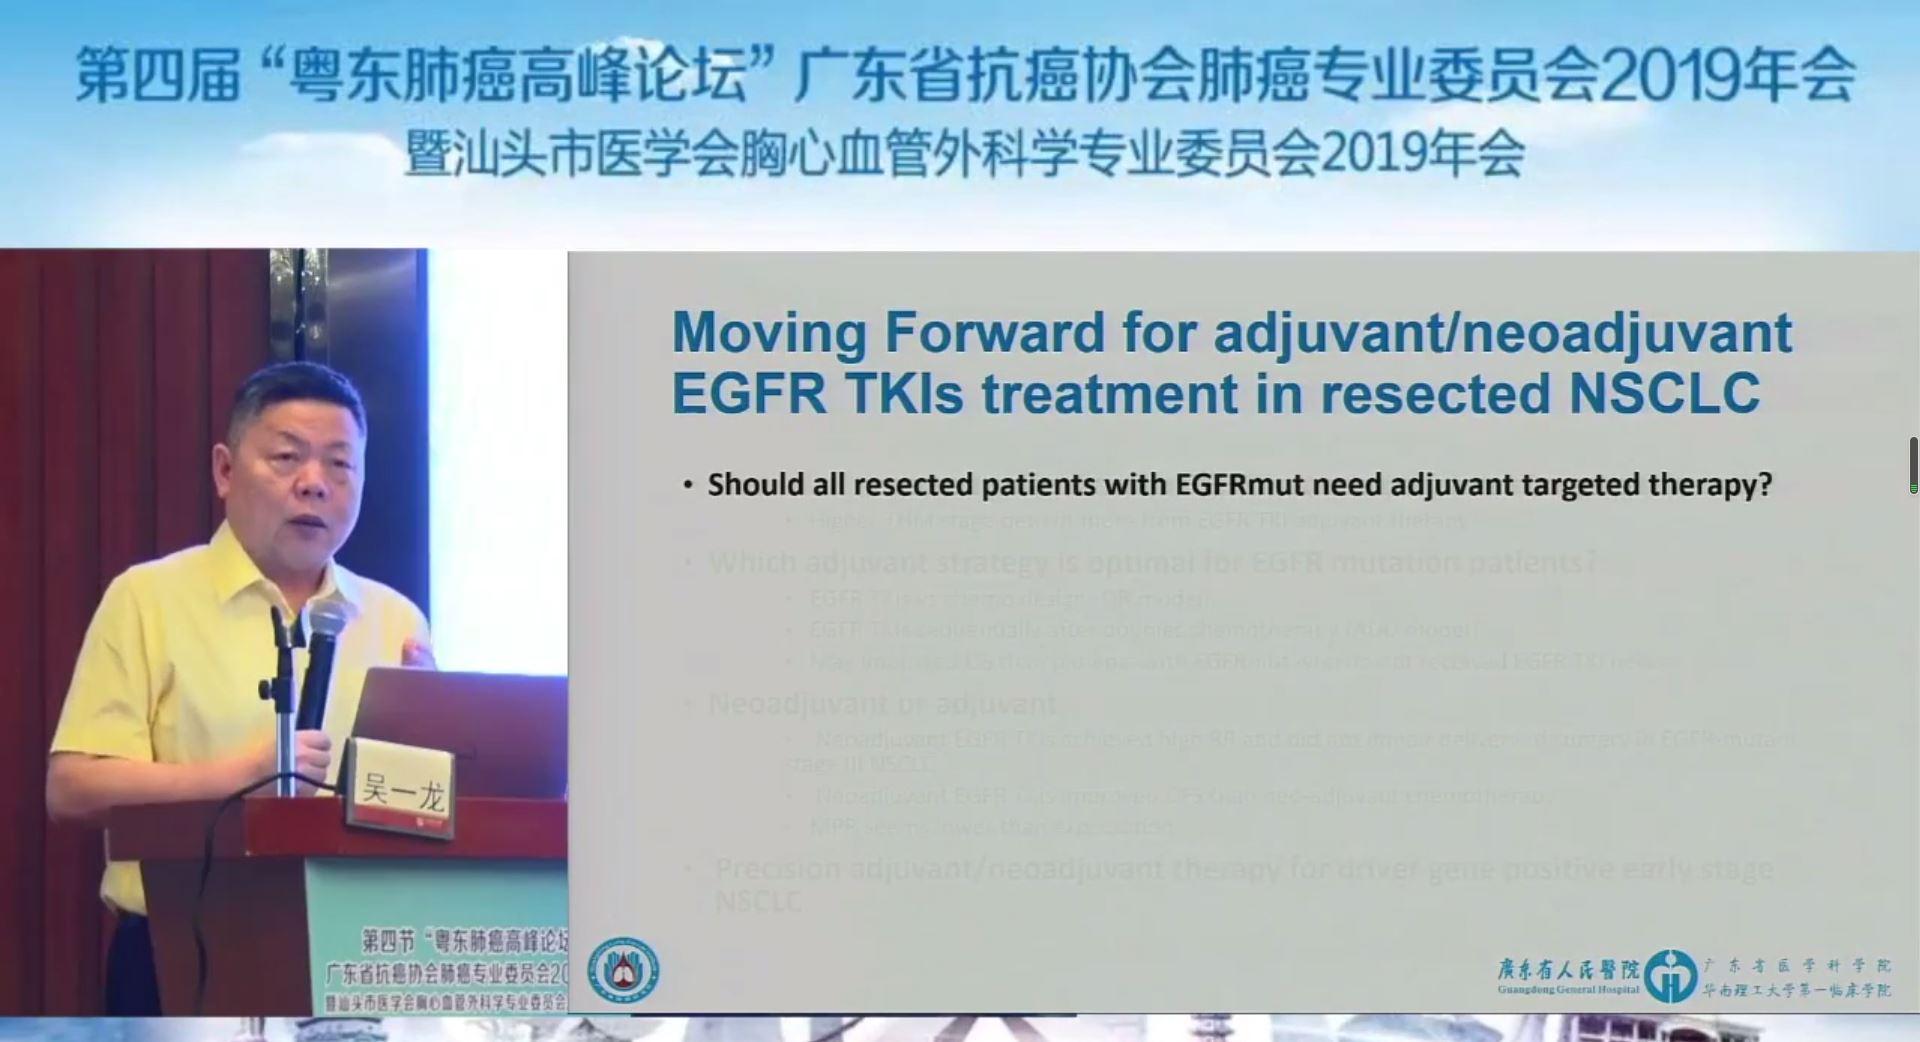 吴一龙教授:《局部晚期肺癌辅助和新辅助治疗》